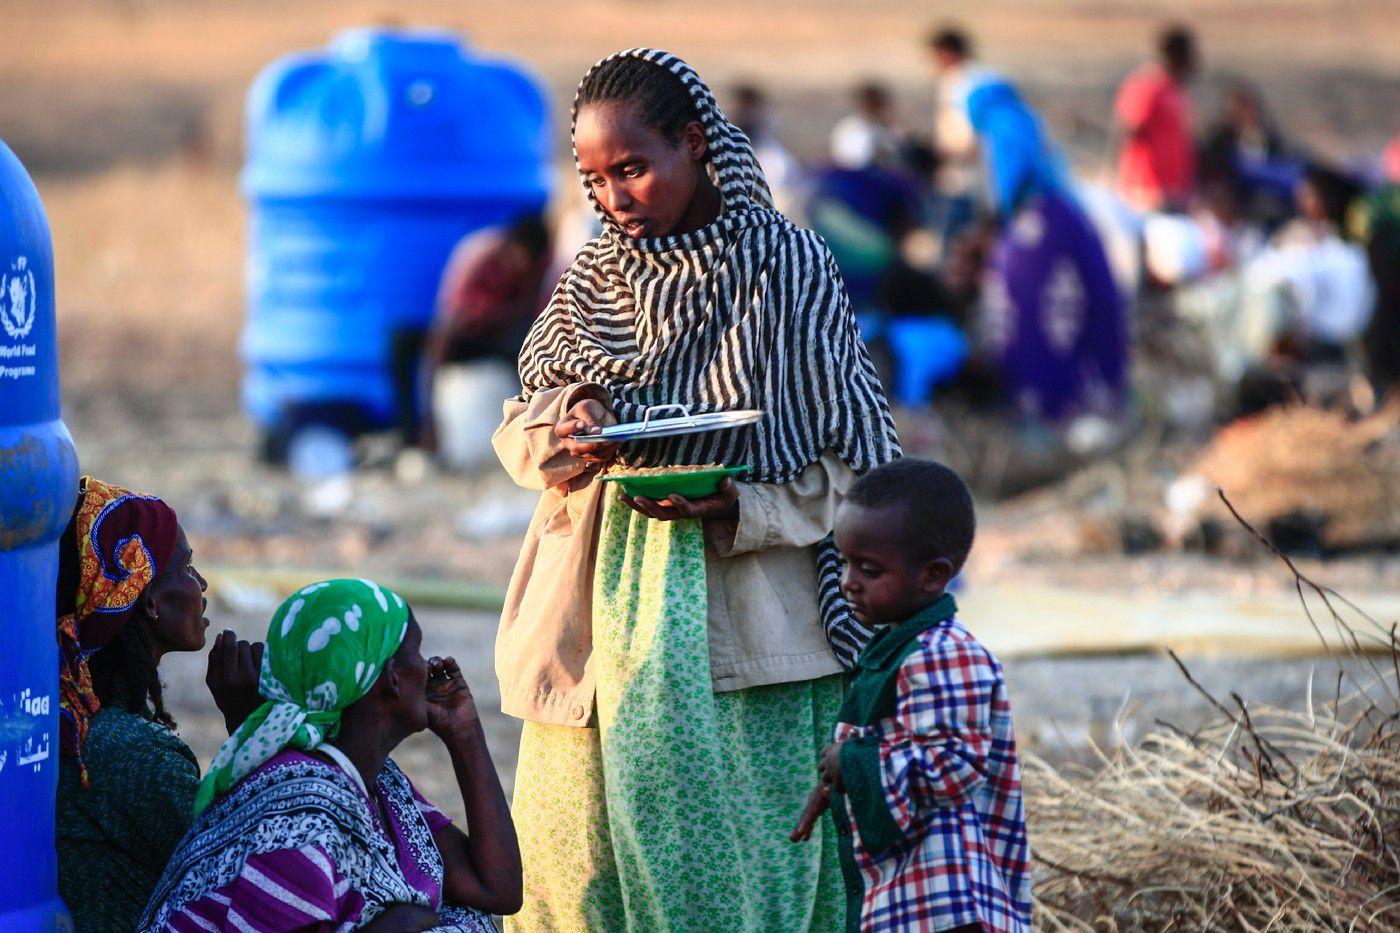 Des Ethiopiennes ayant fui les combats dans leur pays, le 16 novembre 2020, dans le camp de réfugiés d'Oum Raquba, dans l'est du Soudan / AFP